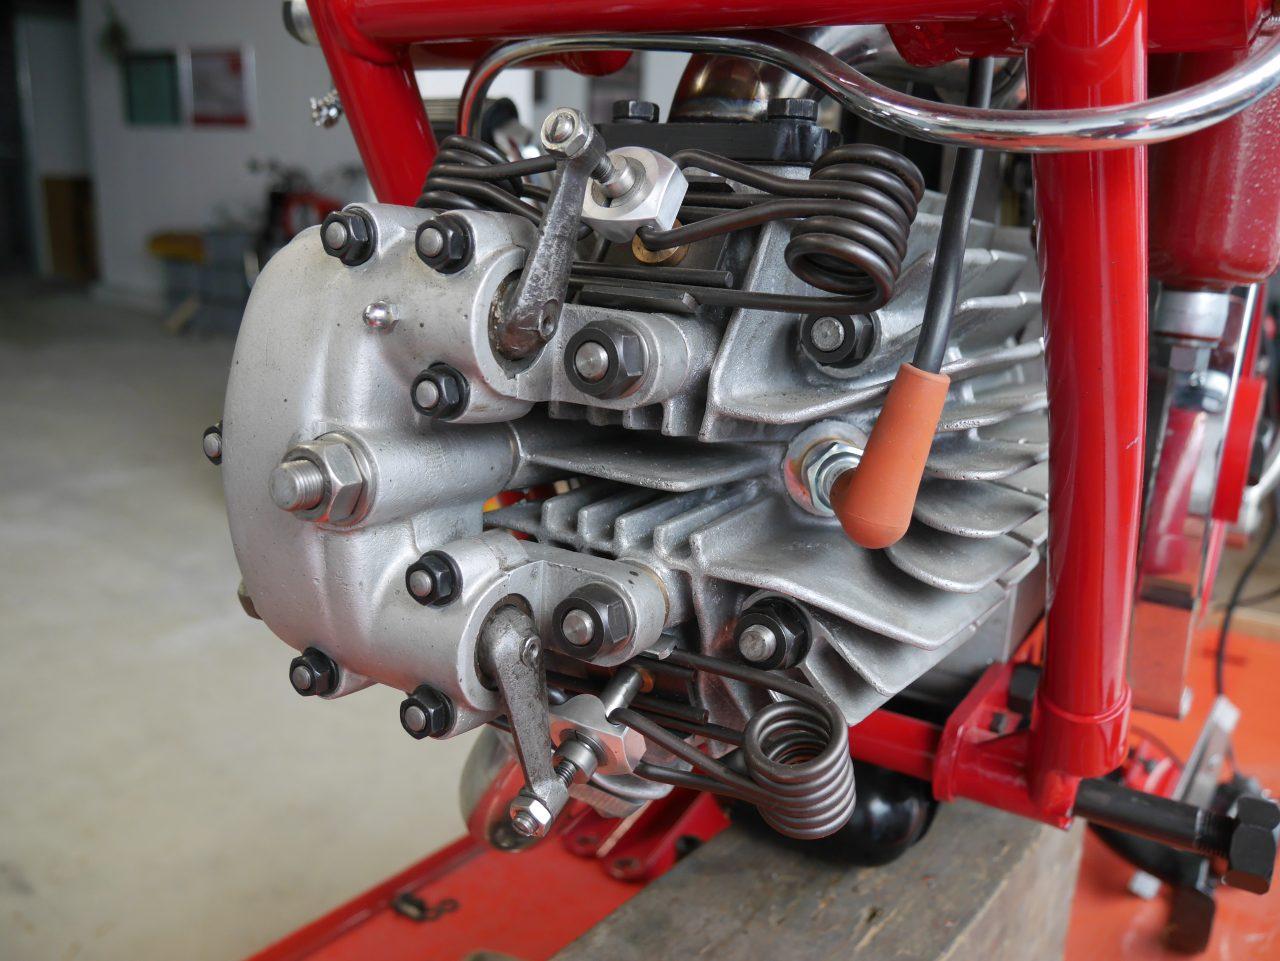 2021  Unterschiedlichste Ventiltriebe bei den Einzylindern… 100 Jahre Moto Guzzi